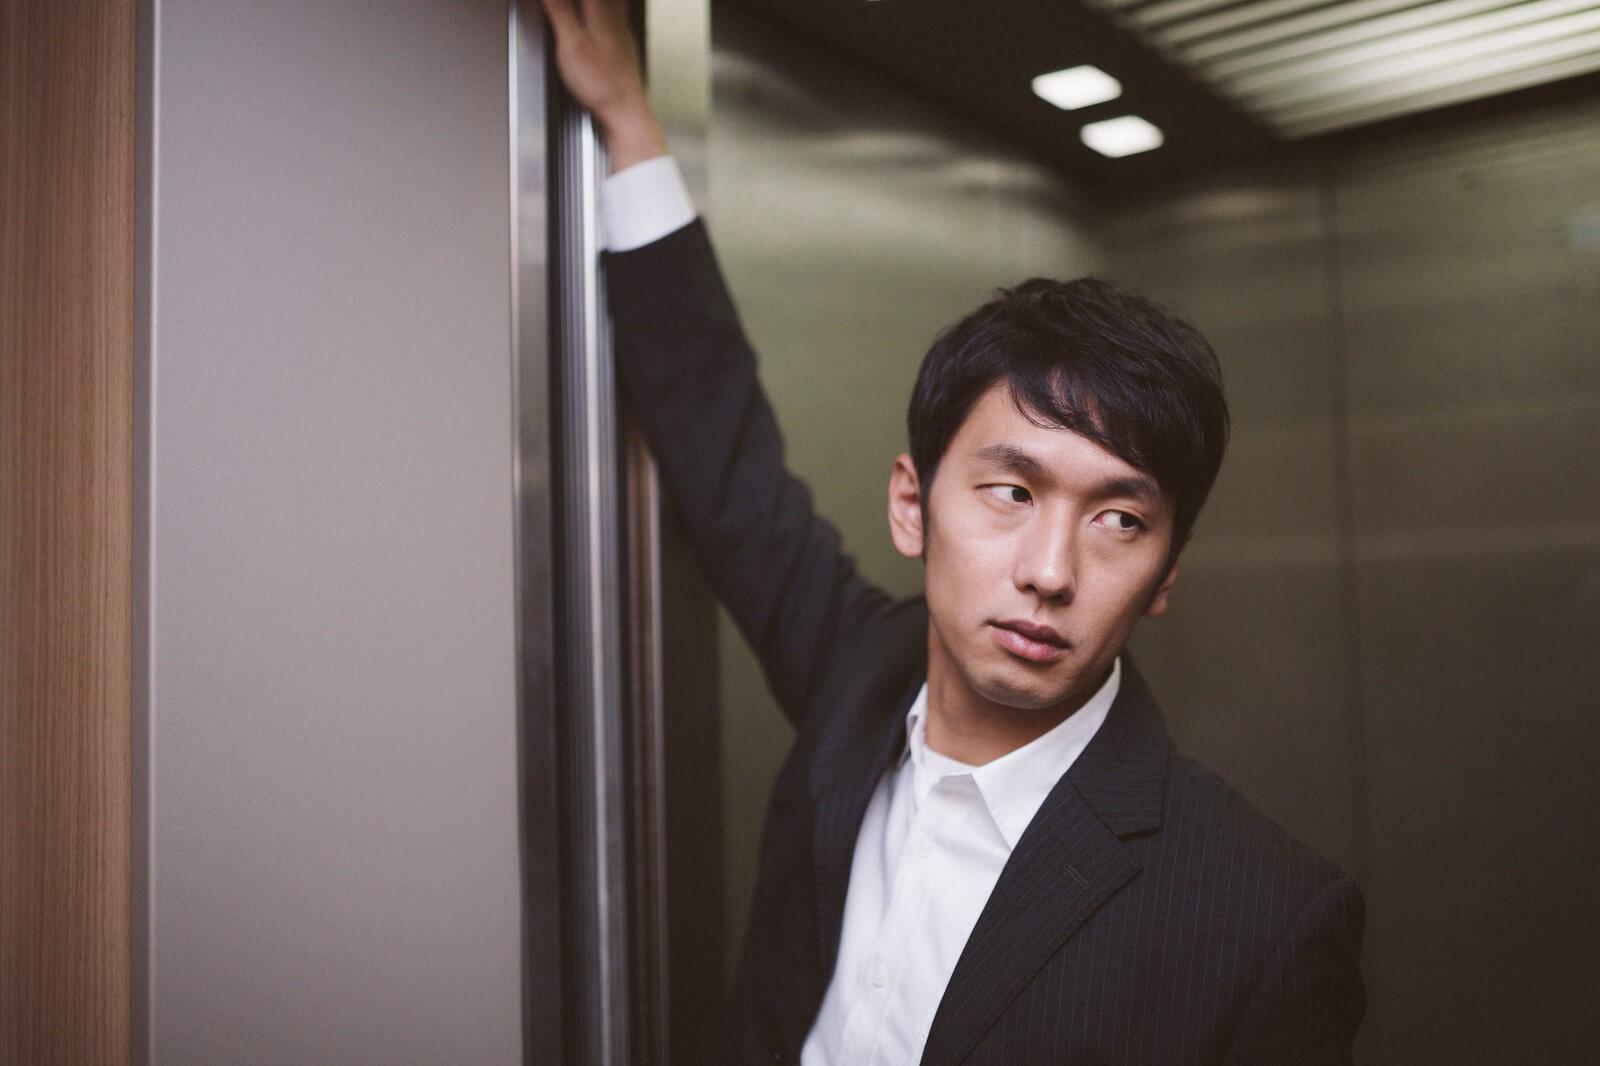 エレベーターにて「どうぞ」